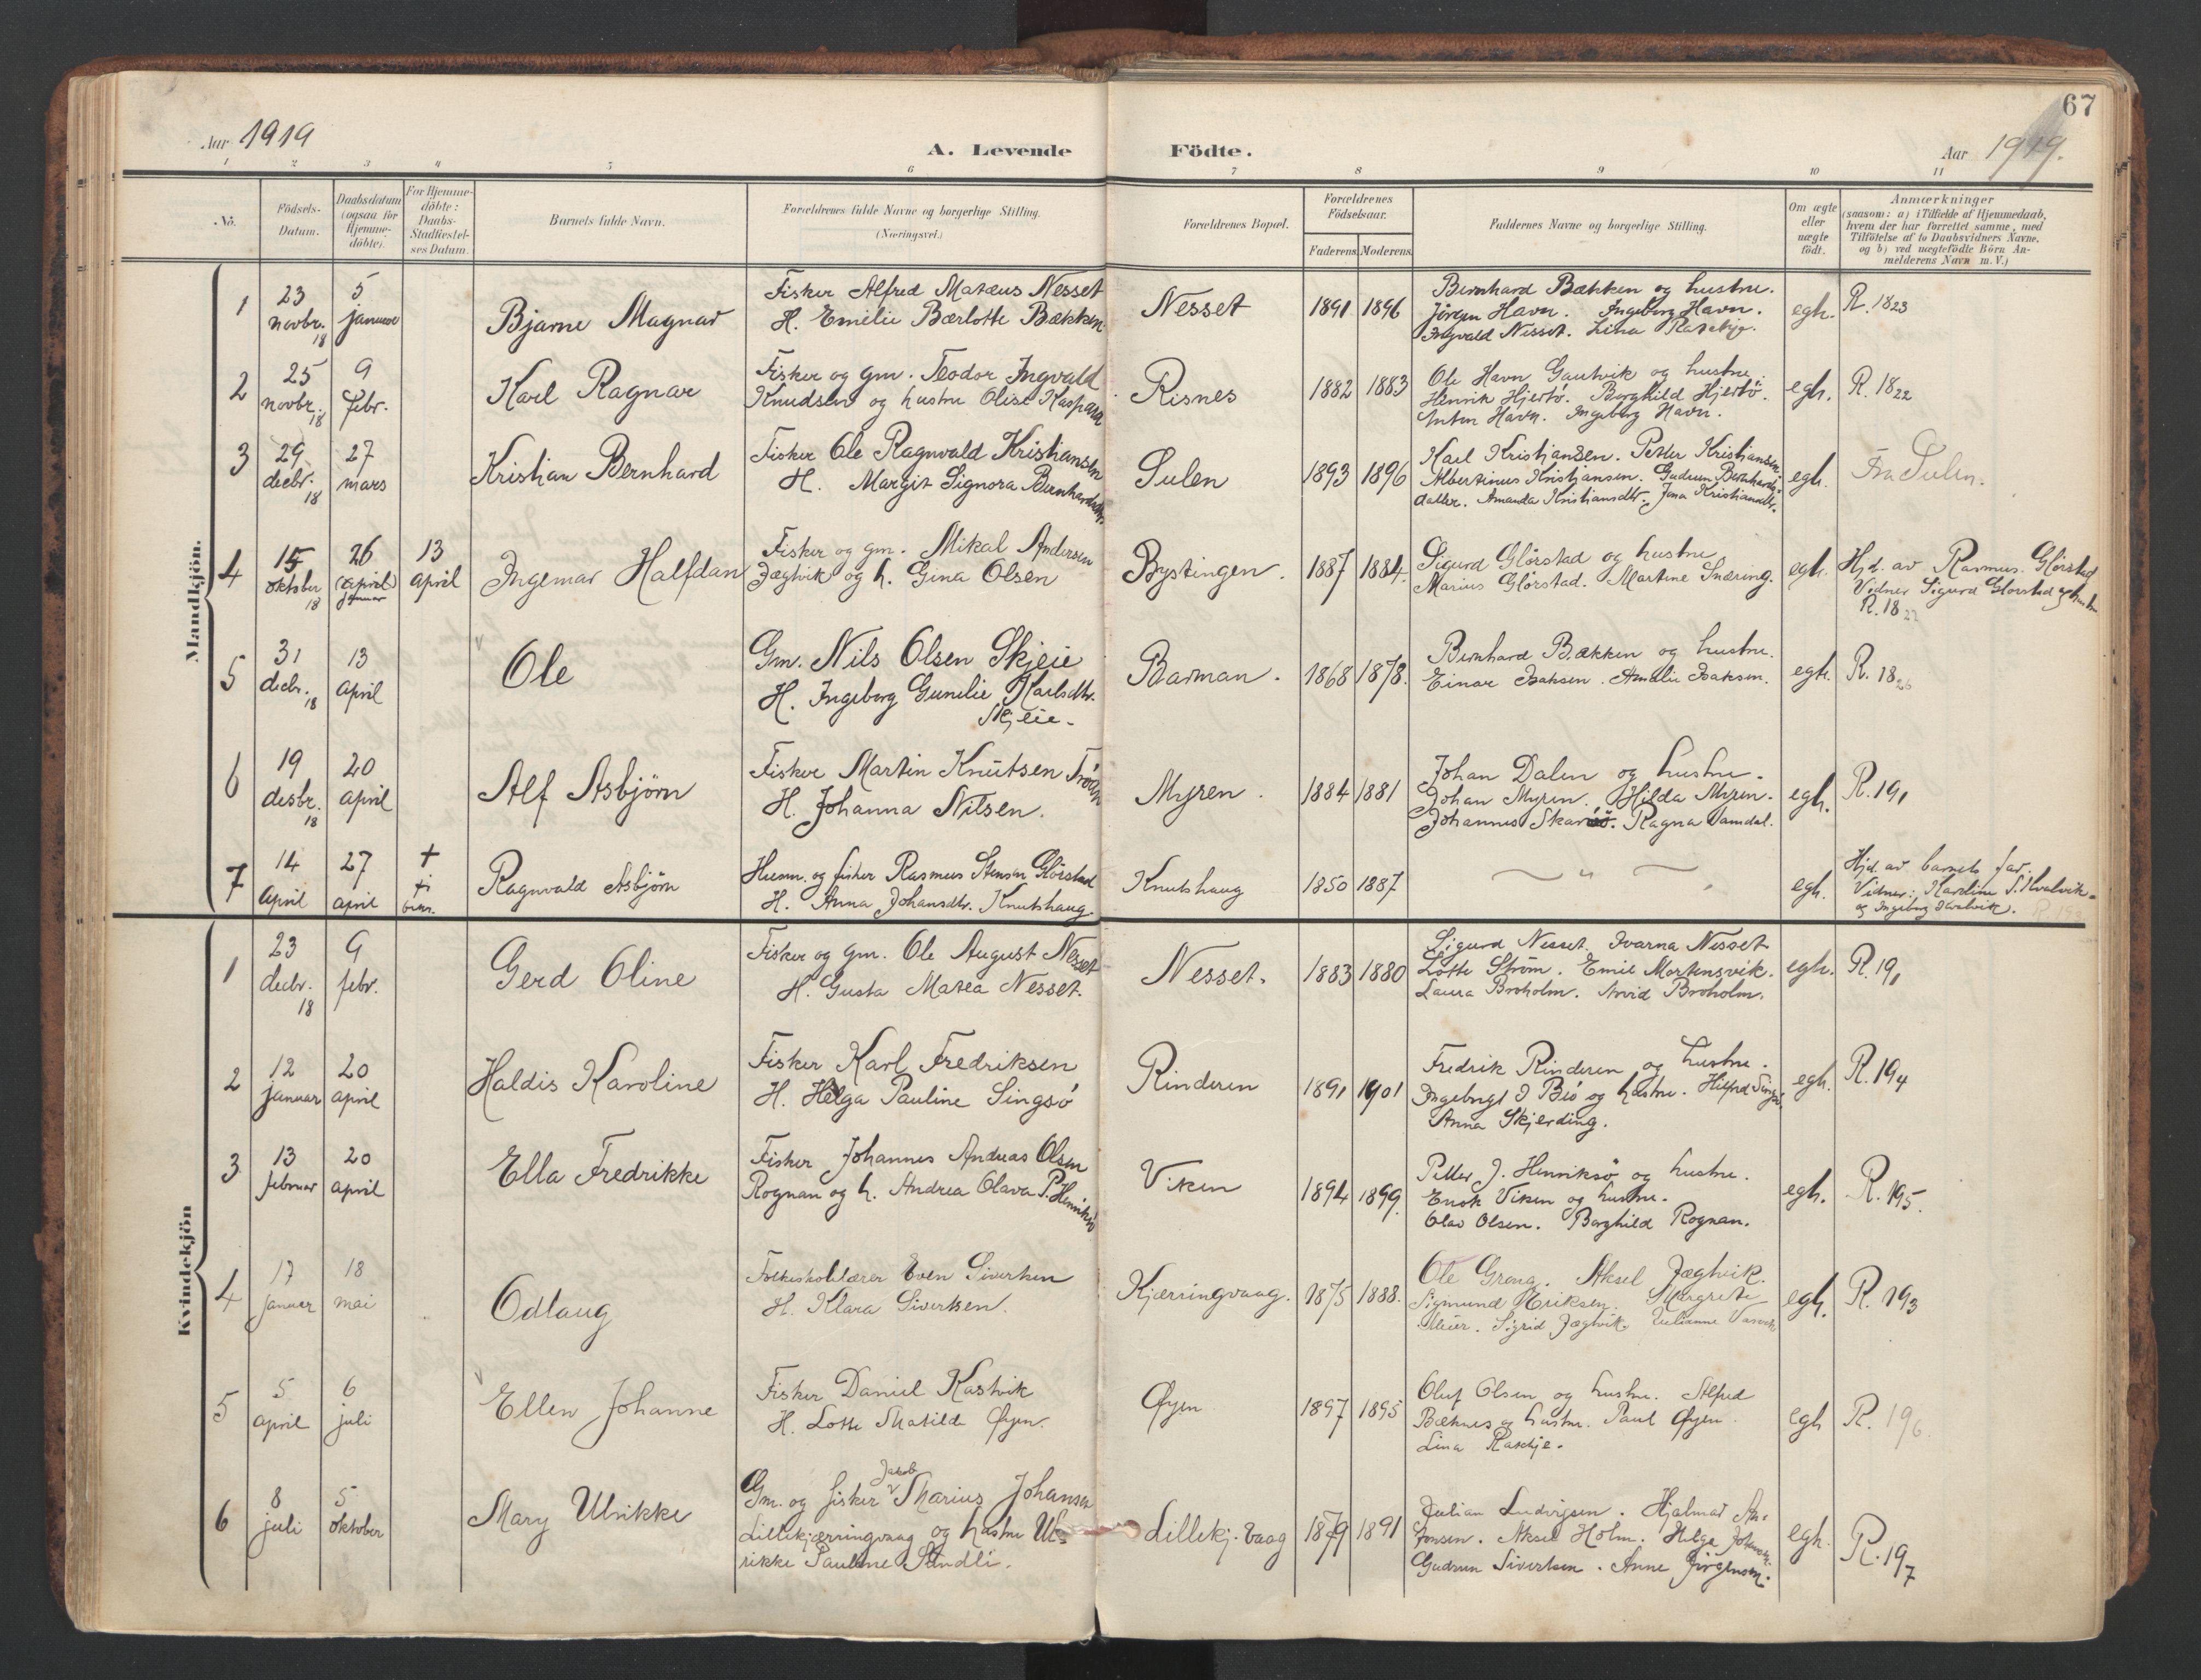 SAT, Ministerialprotokoller, klokkerbøker og fødselsregistre - Sør-Trøndelag, 634/L0537: Ministerialbok nr. 634A13, 1896-1922, s. 67